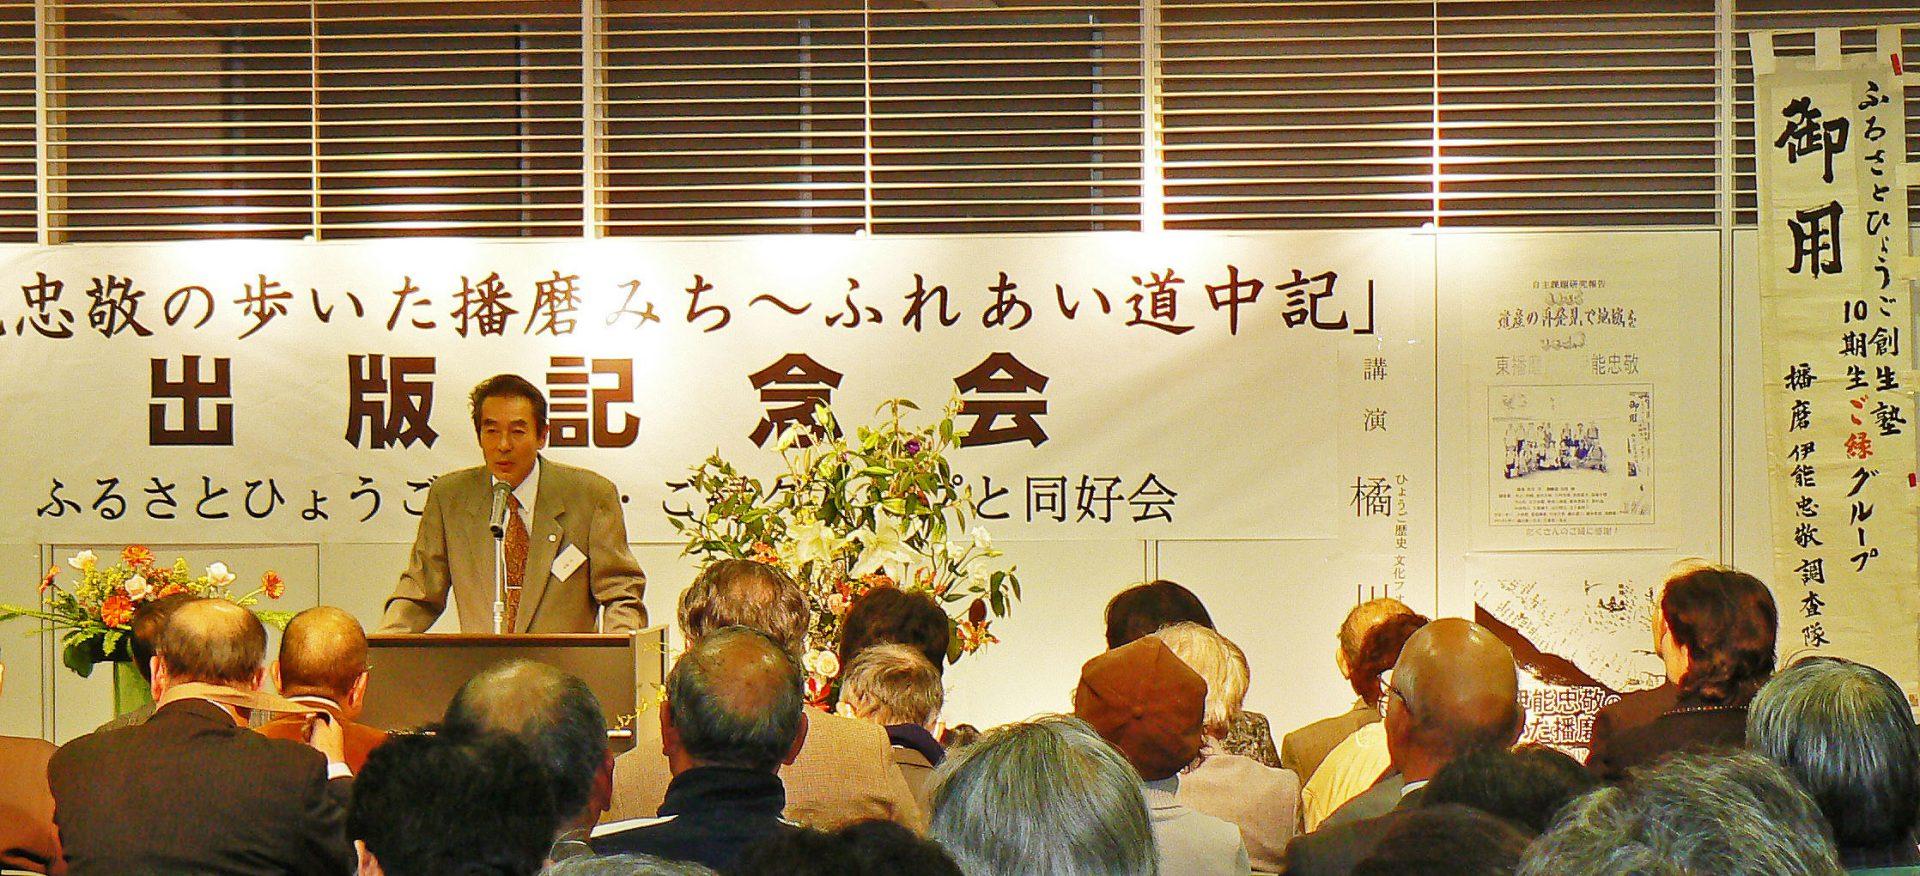 多くの仲間たちとともに盛大に開催された出版記念